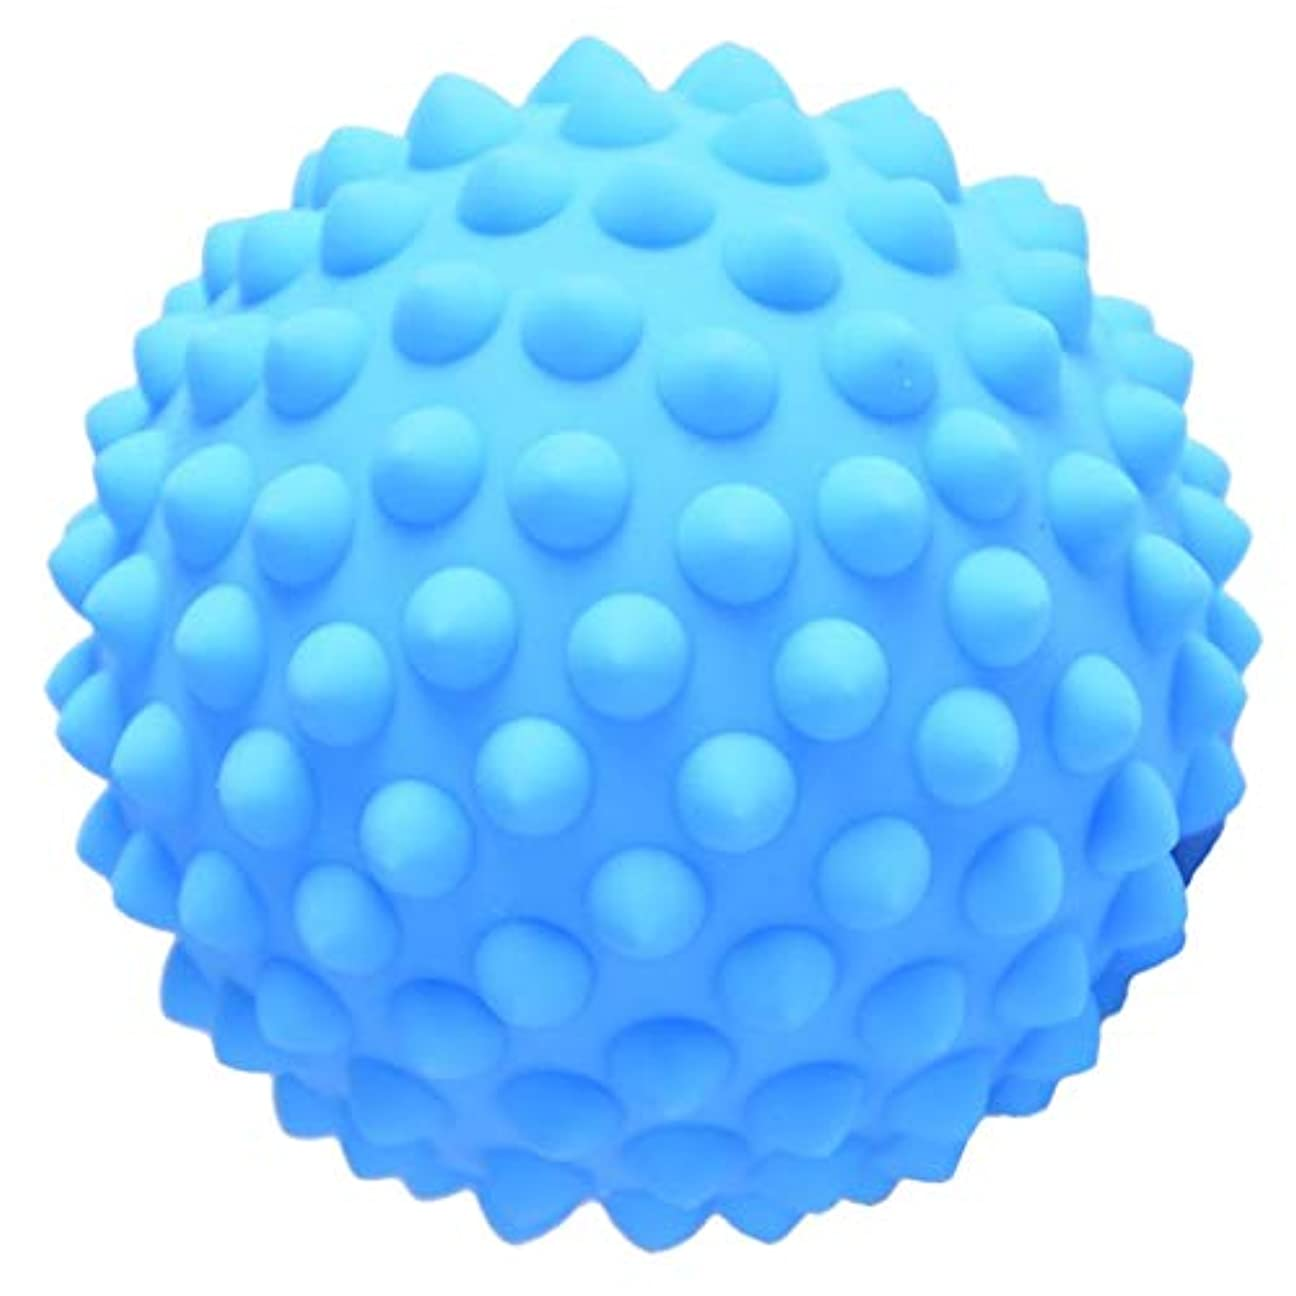 Hellery ハードPVC 9センチのとがったマッサージローラーボール指圧ボディリラクゼーションマッサージ - 青, 説明のとおり